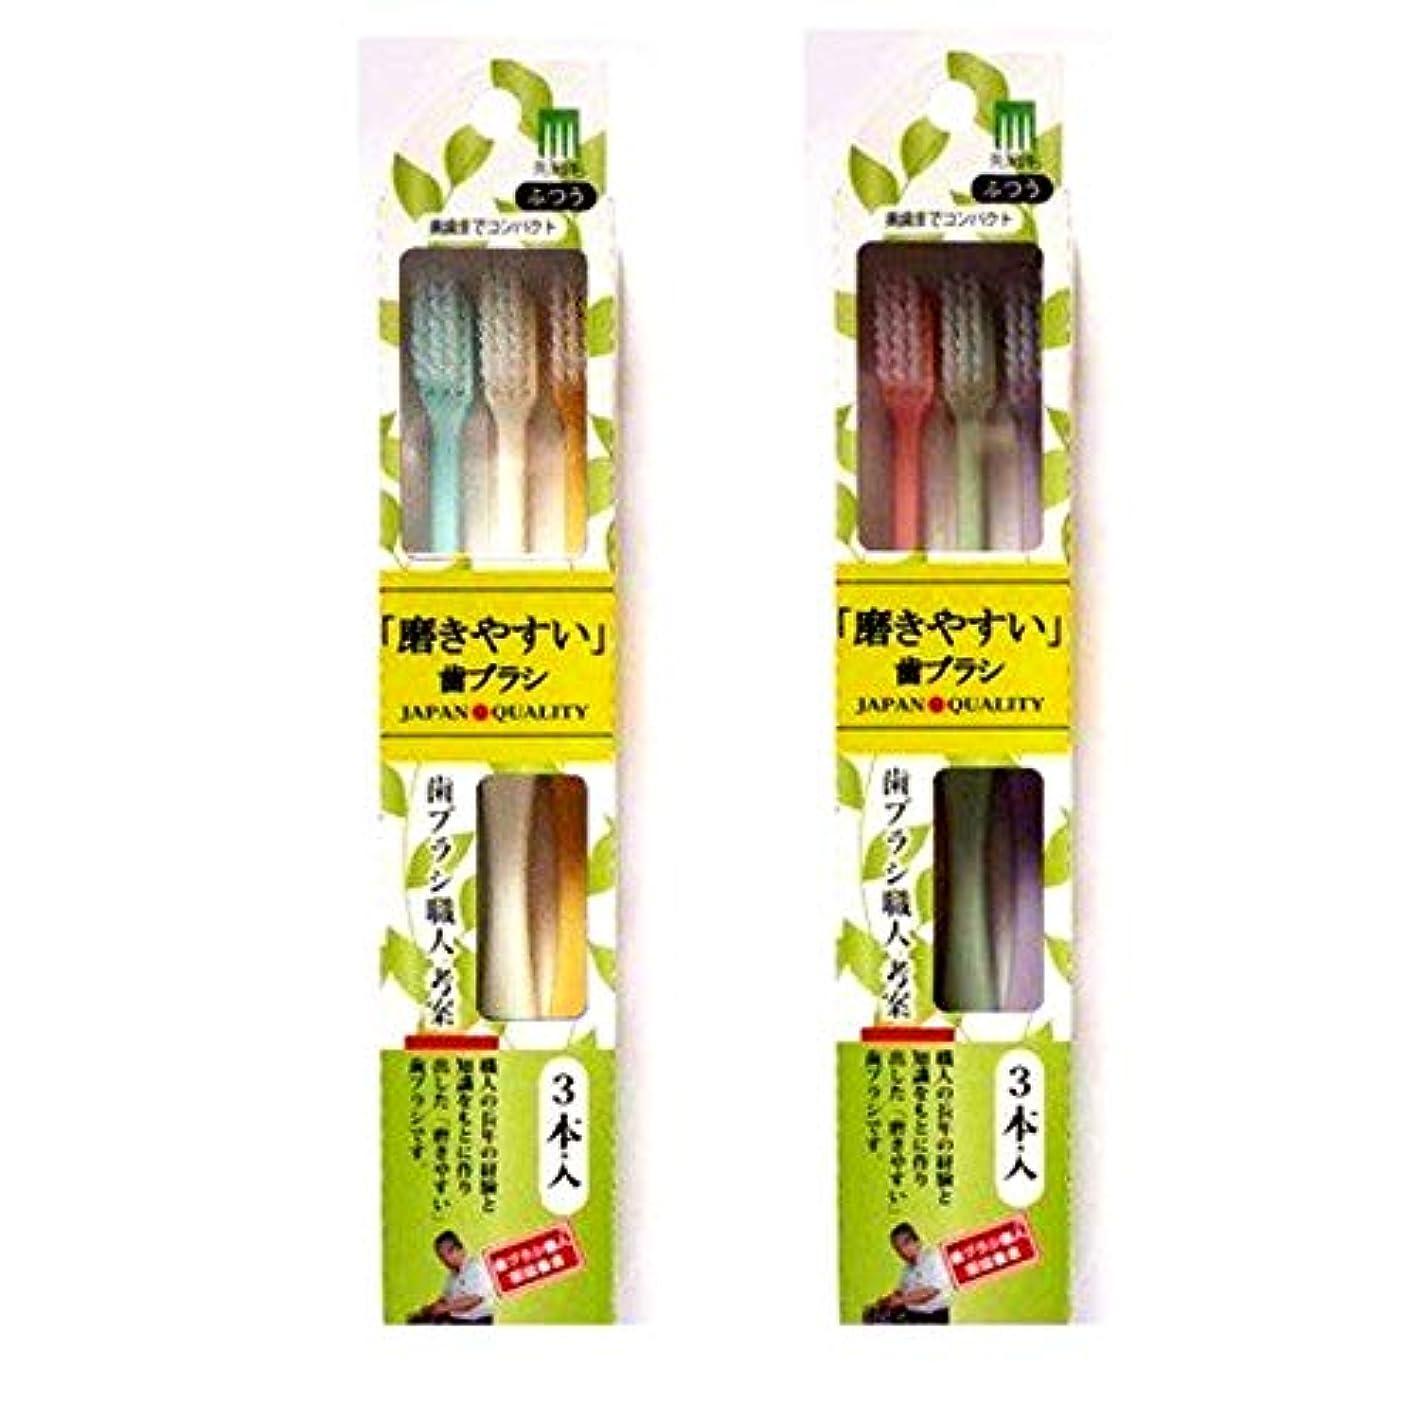 贈り物近似多年生磨きやすい歯ブラシ (先細毛) 奥までコンパクト3本組 ELT-1 (色選択不可)